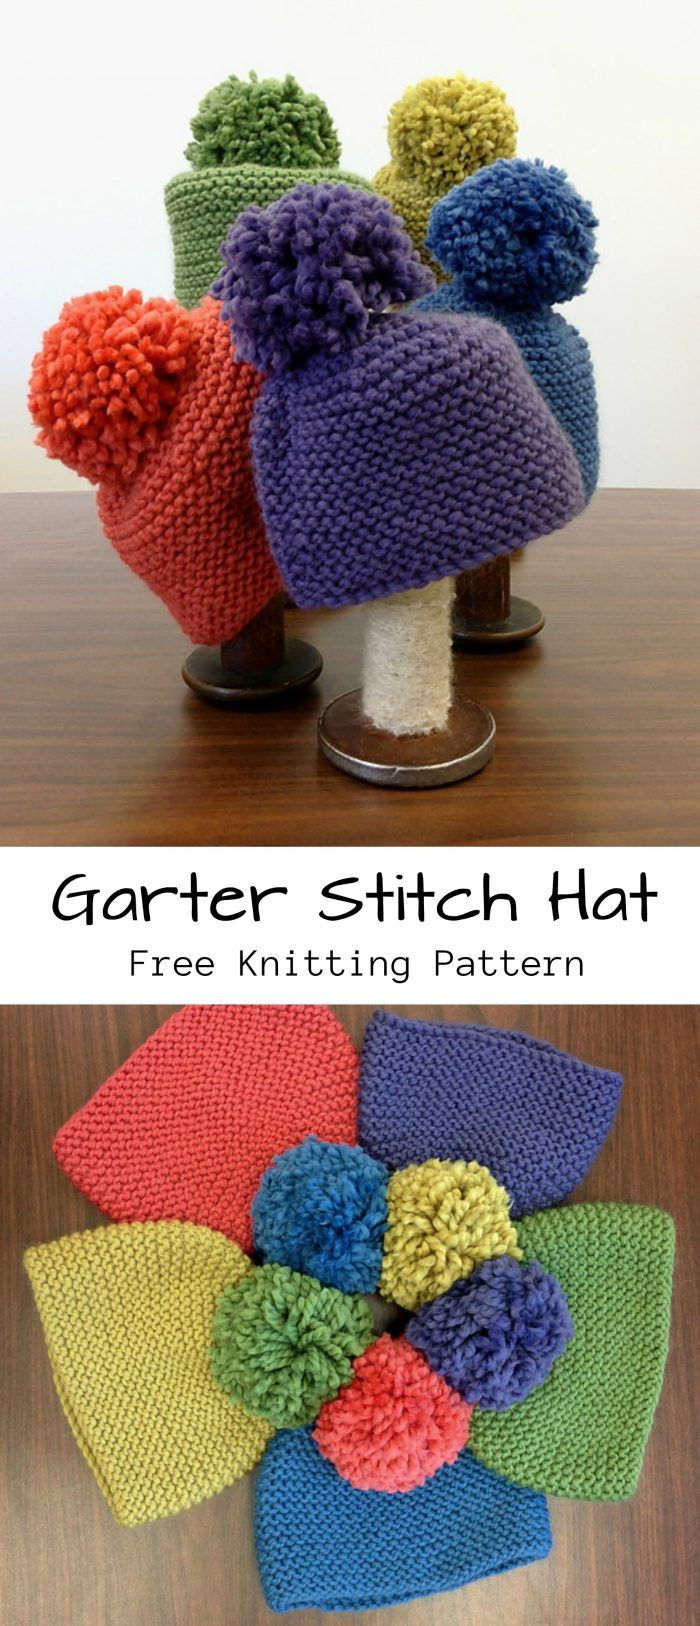 Garter Stitch Hat Free Knitting Pattern Knit Pinterest